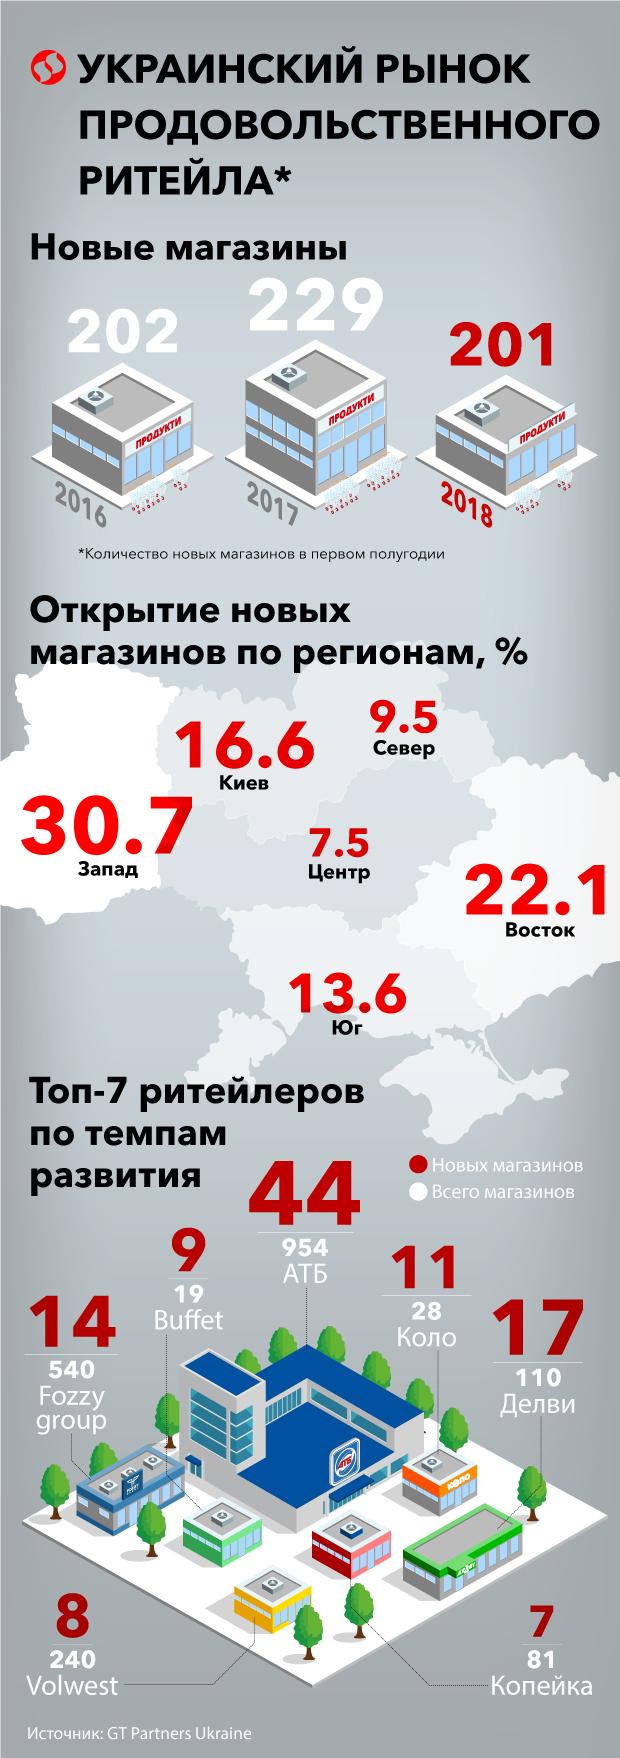 Инфографика: ТОП-7 продуктовых сетей Украины